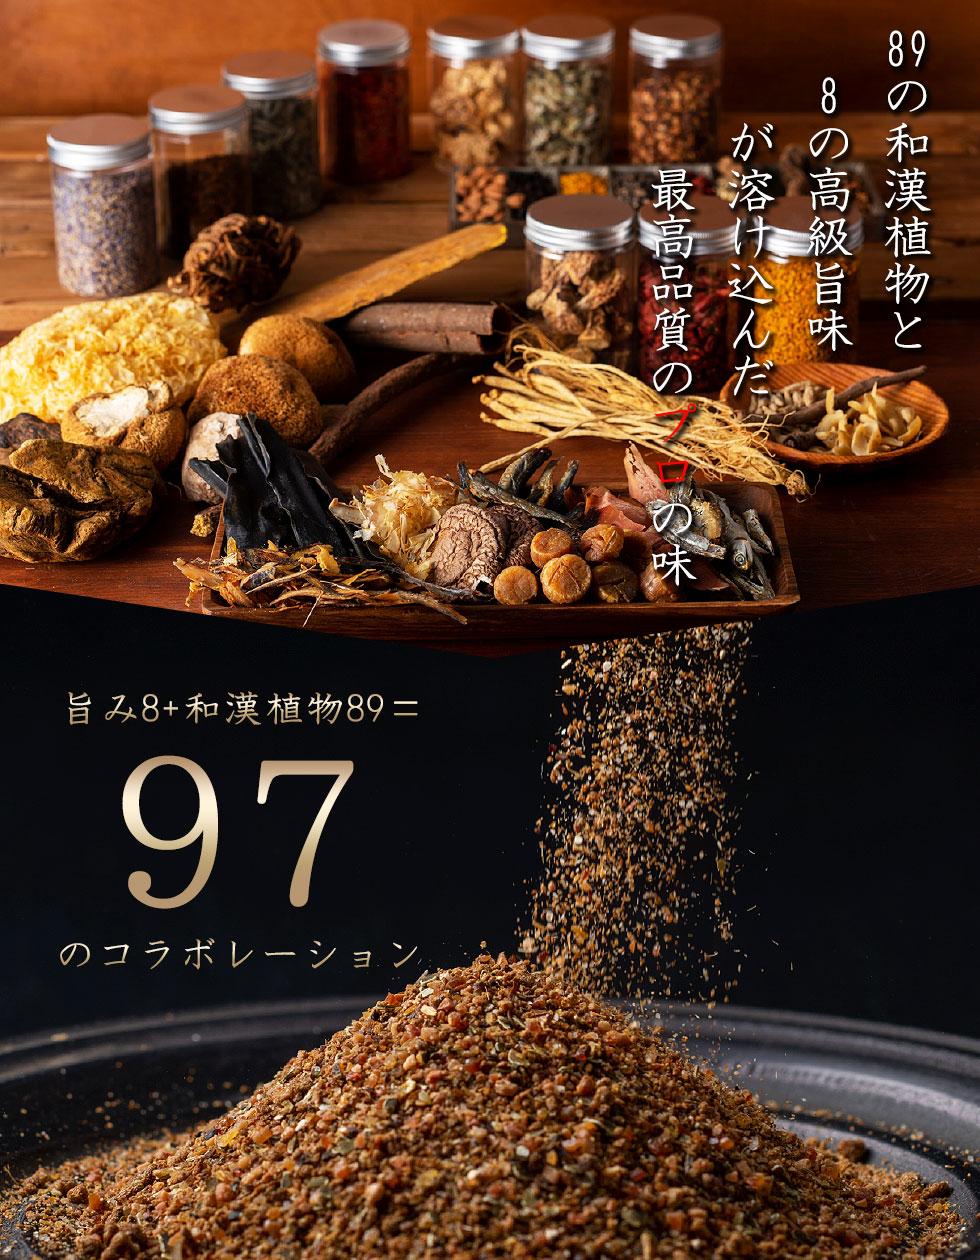 ふつうでは、飽き足らない。旨みと和漢植物が結集 UMAMI8+和漢植物89=97のコラボレーション